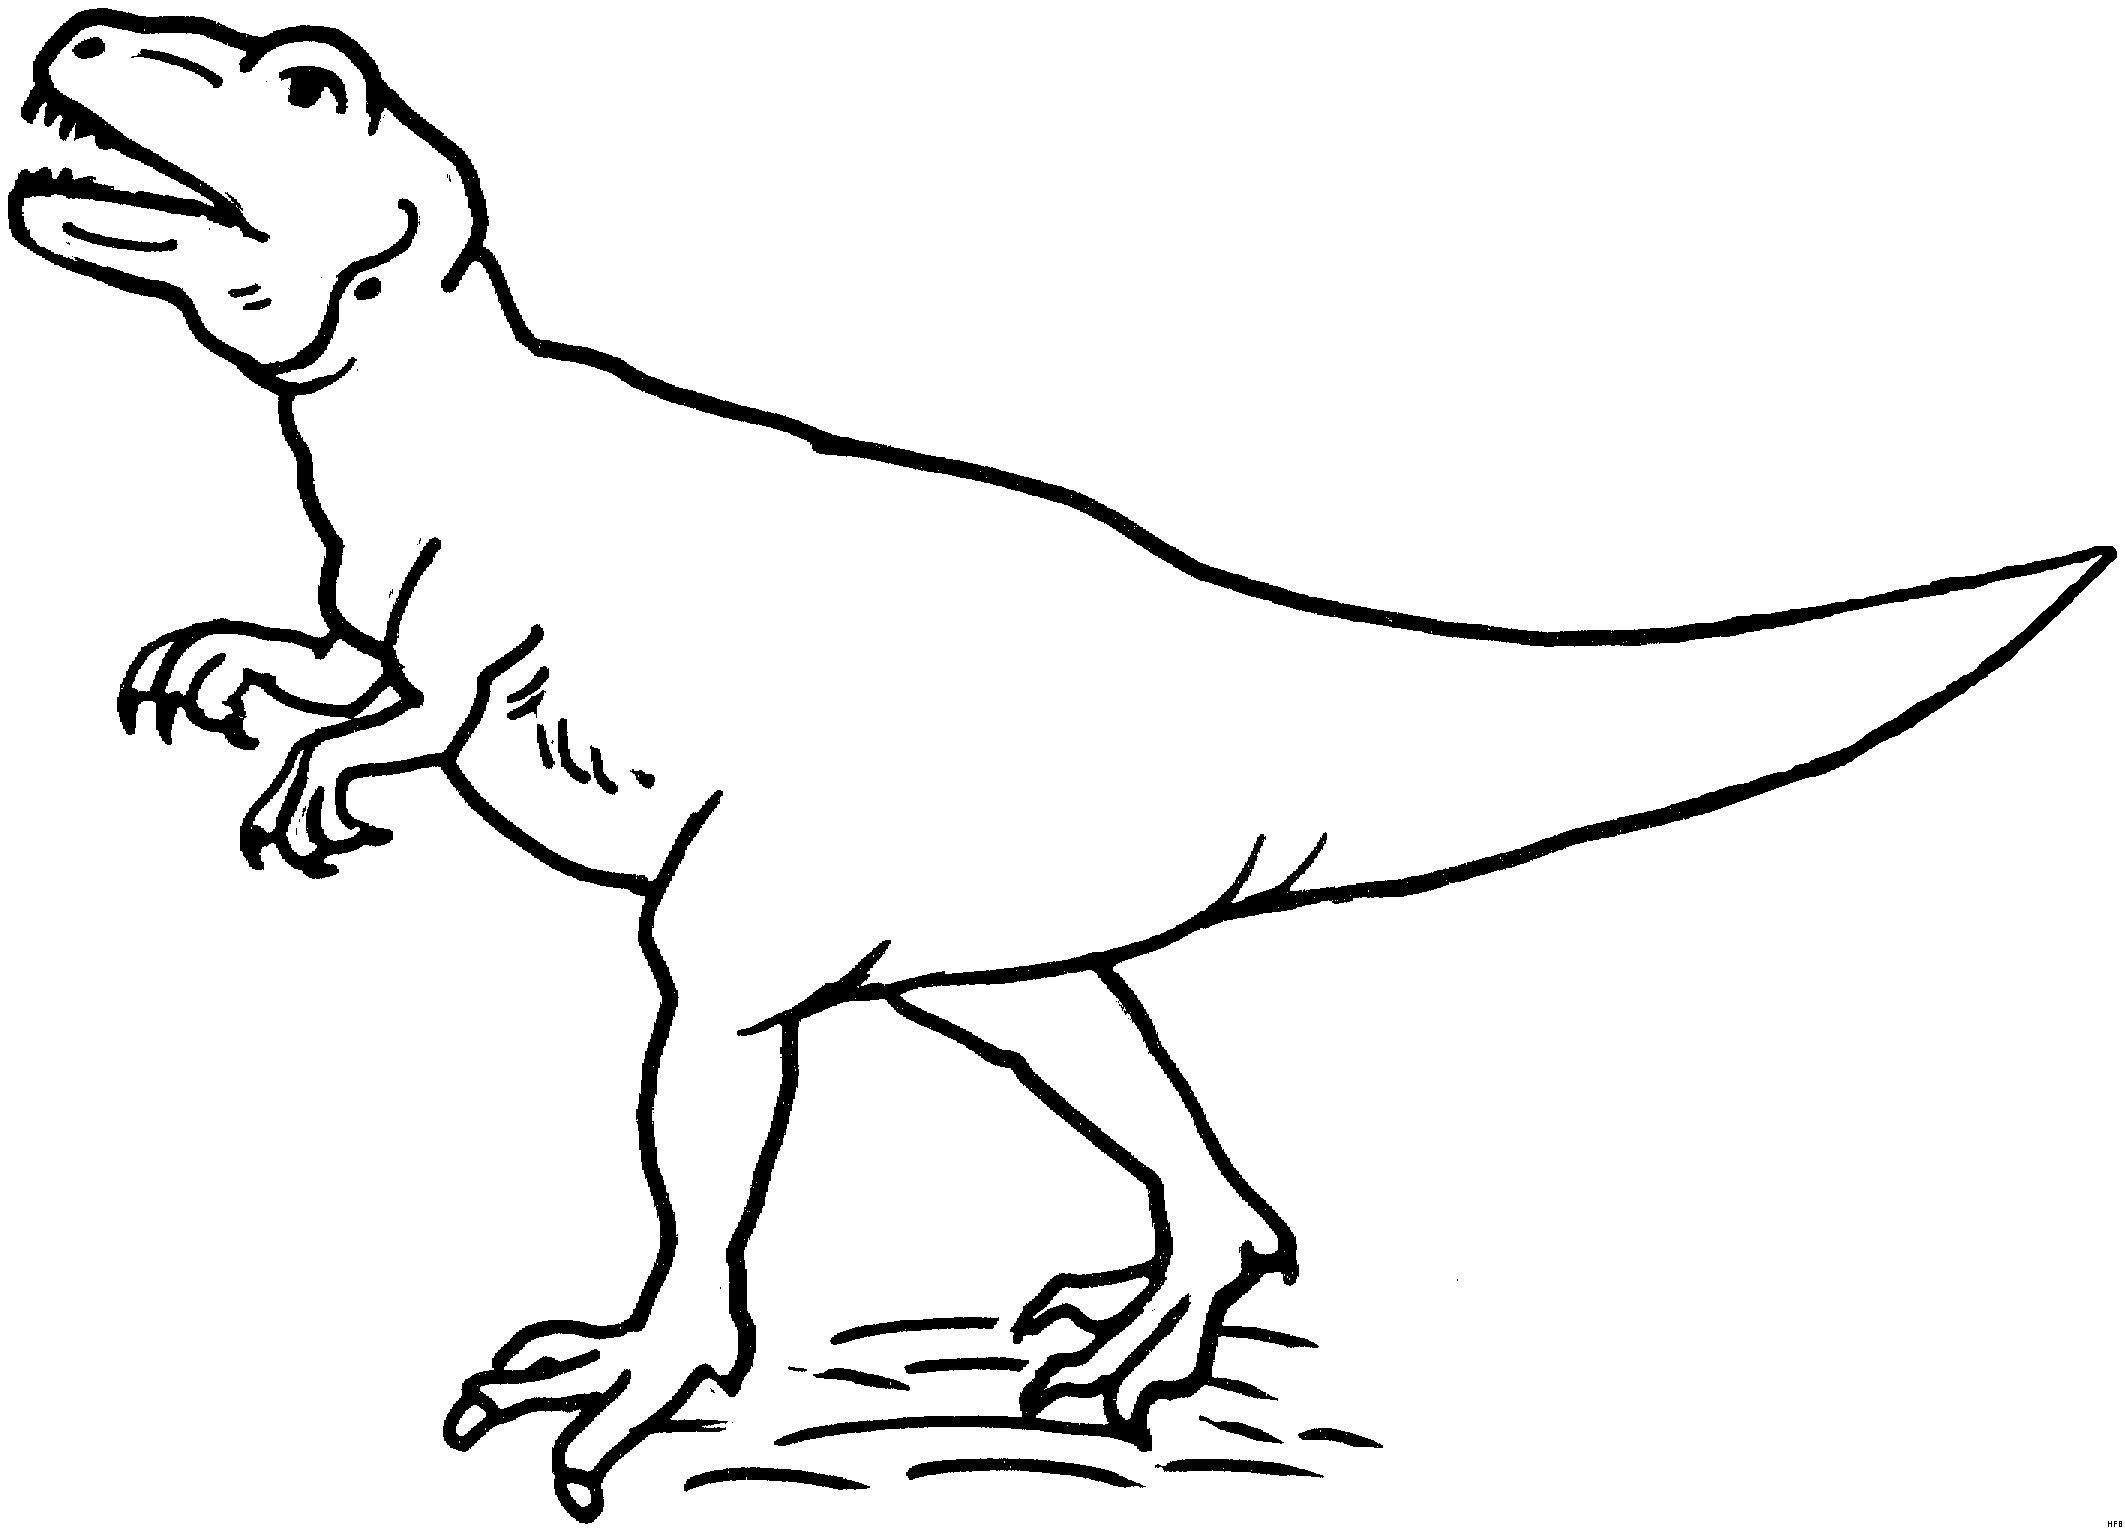 58 Neu Ausmalbilder Autos Fotografieren Malvorlage Dinosaurier Malvorlagen Ausmalen